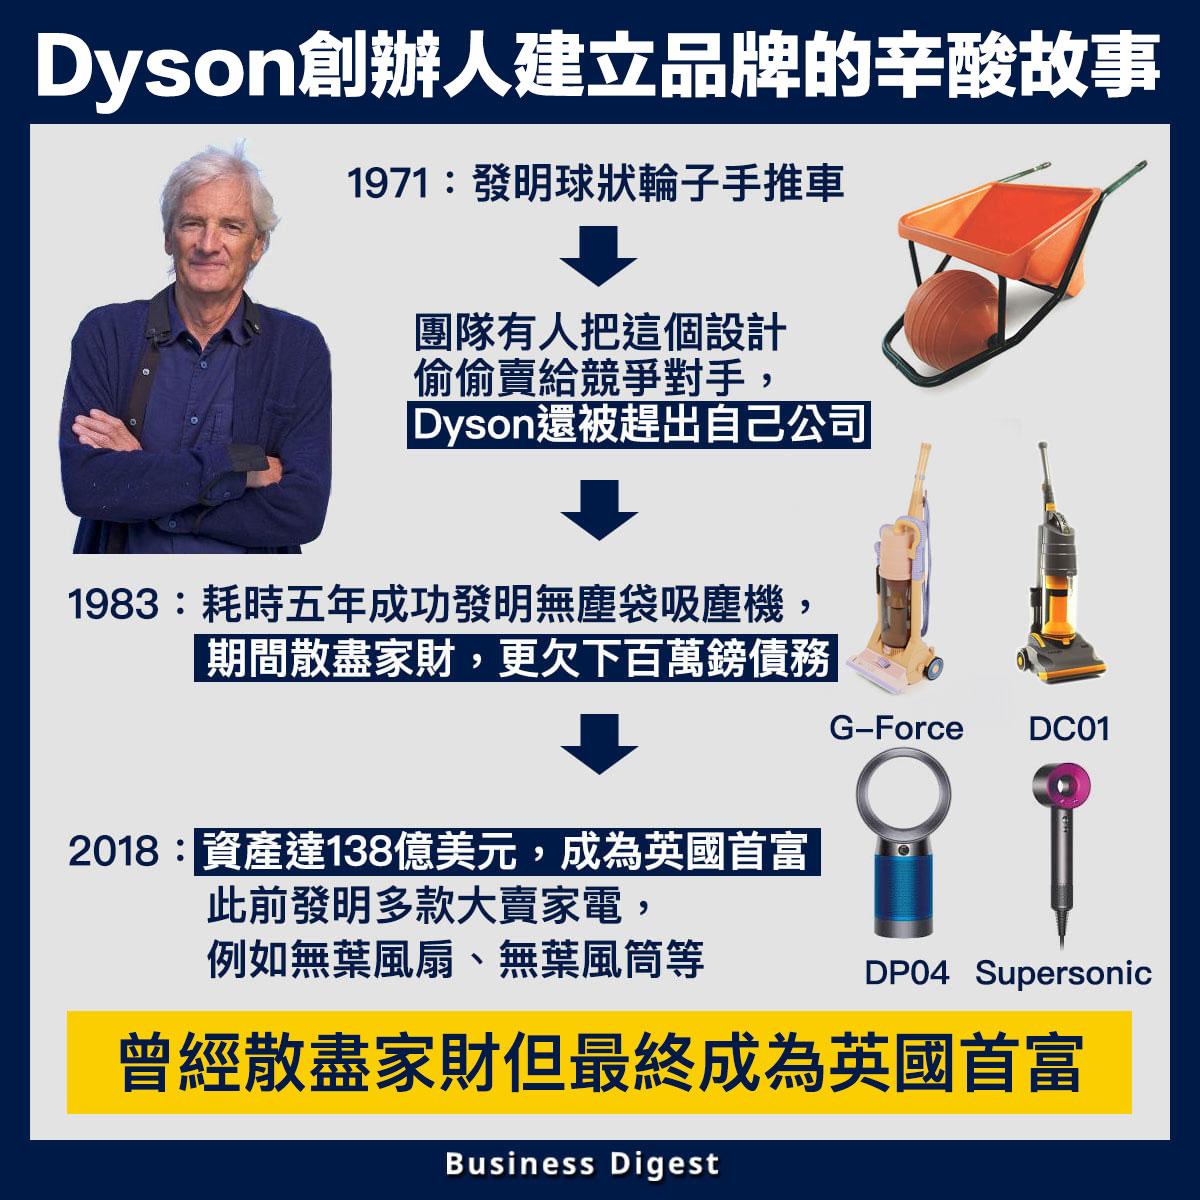 【生活中的品牌故事】Dyson創辦人的故事:曾經散盡家財但最終成為英國首富